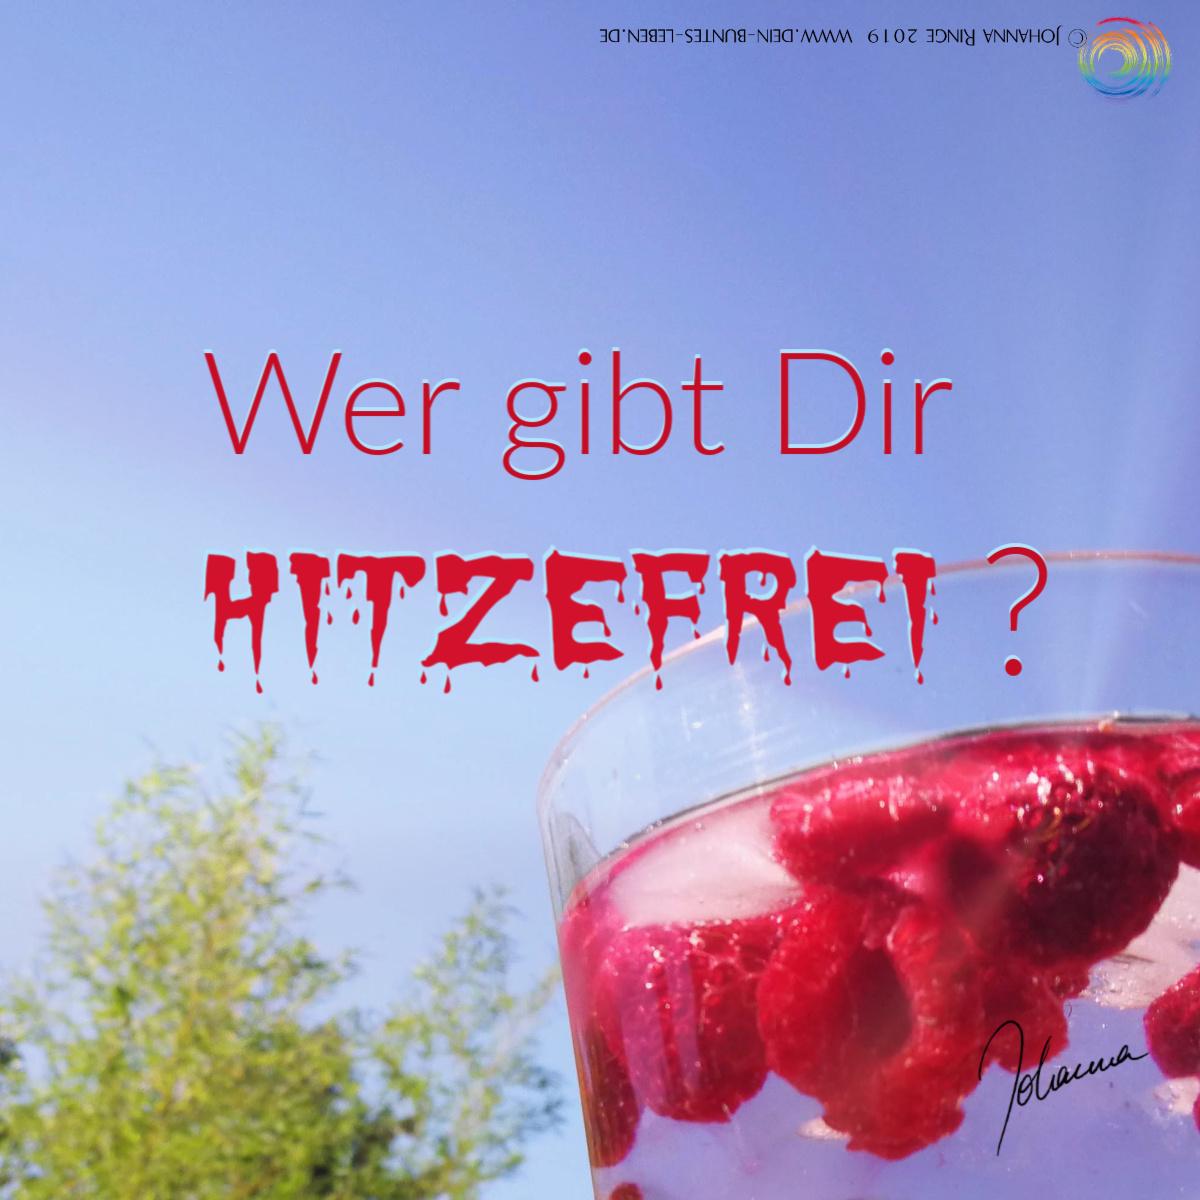 Bei der Arbeit: wer gibt Dir hitzefrei? Text vor Photo von Glas mit Himbeerwasser in der prallen Sonne. ©Johanna Ringe 2019 . www.dein-buntes-leben.de